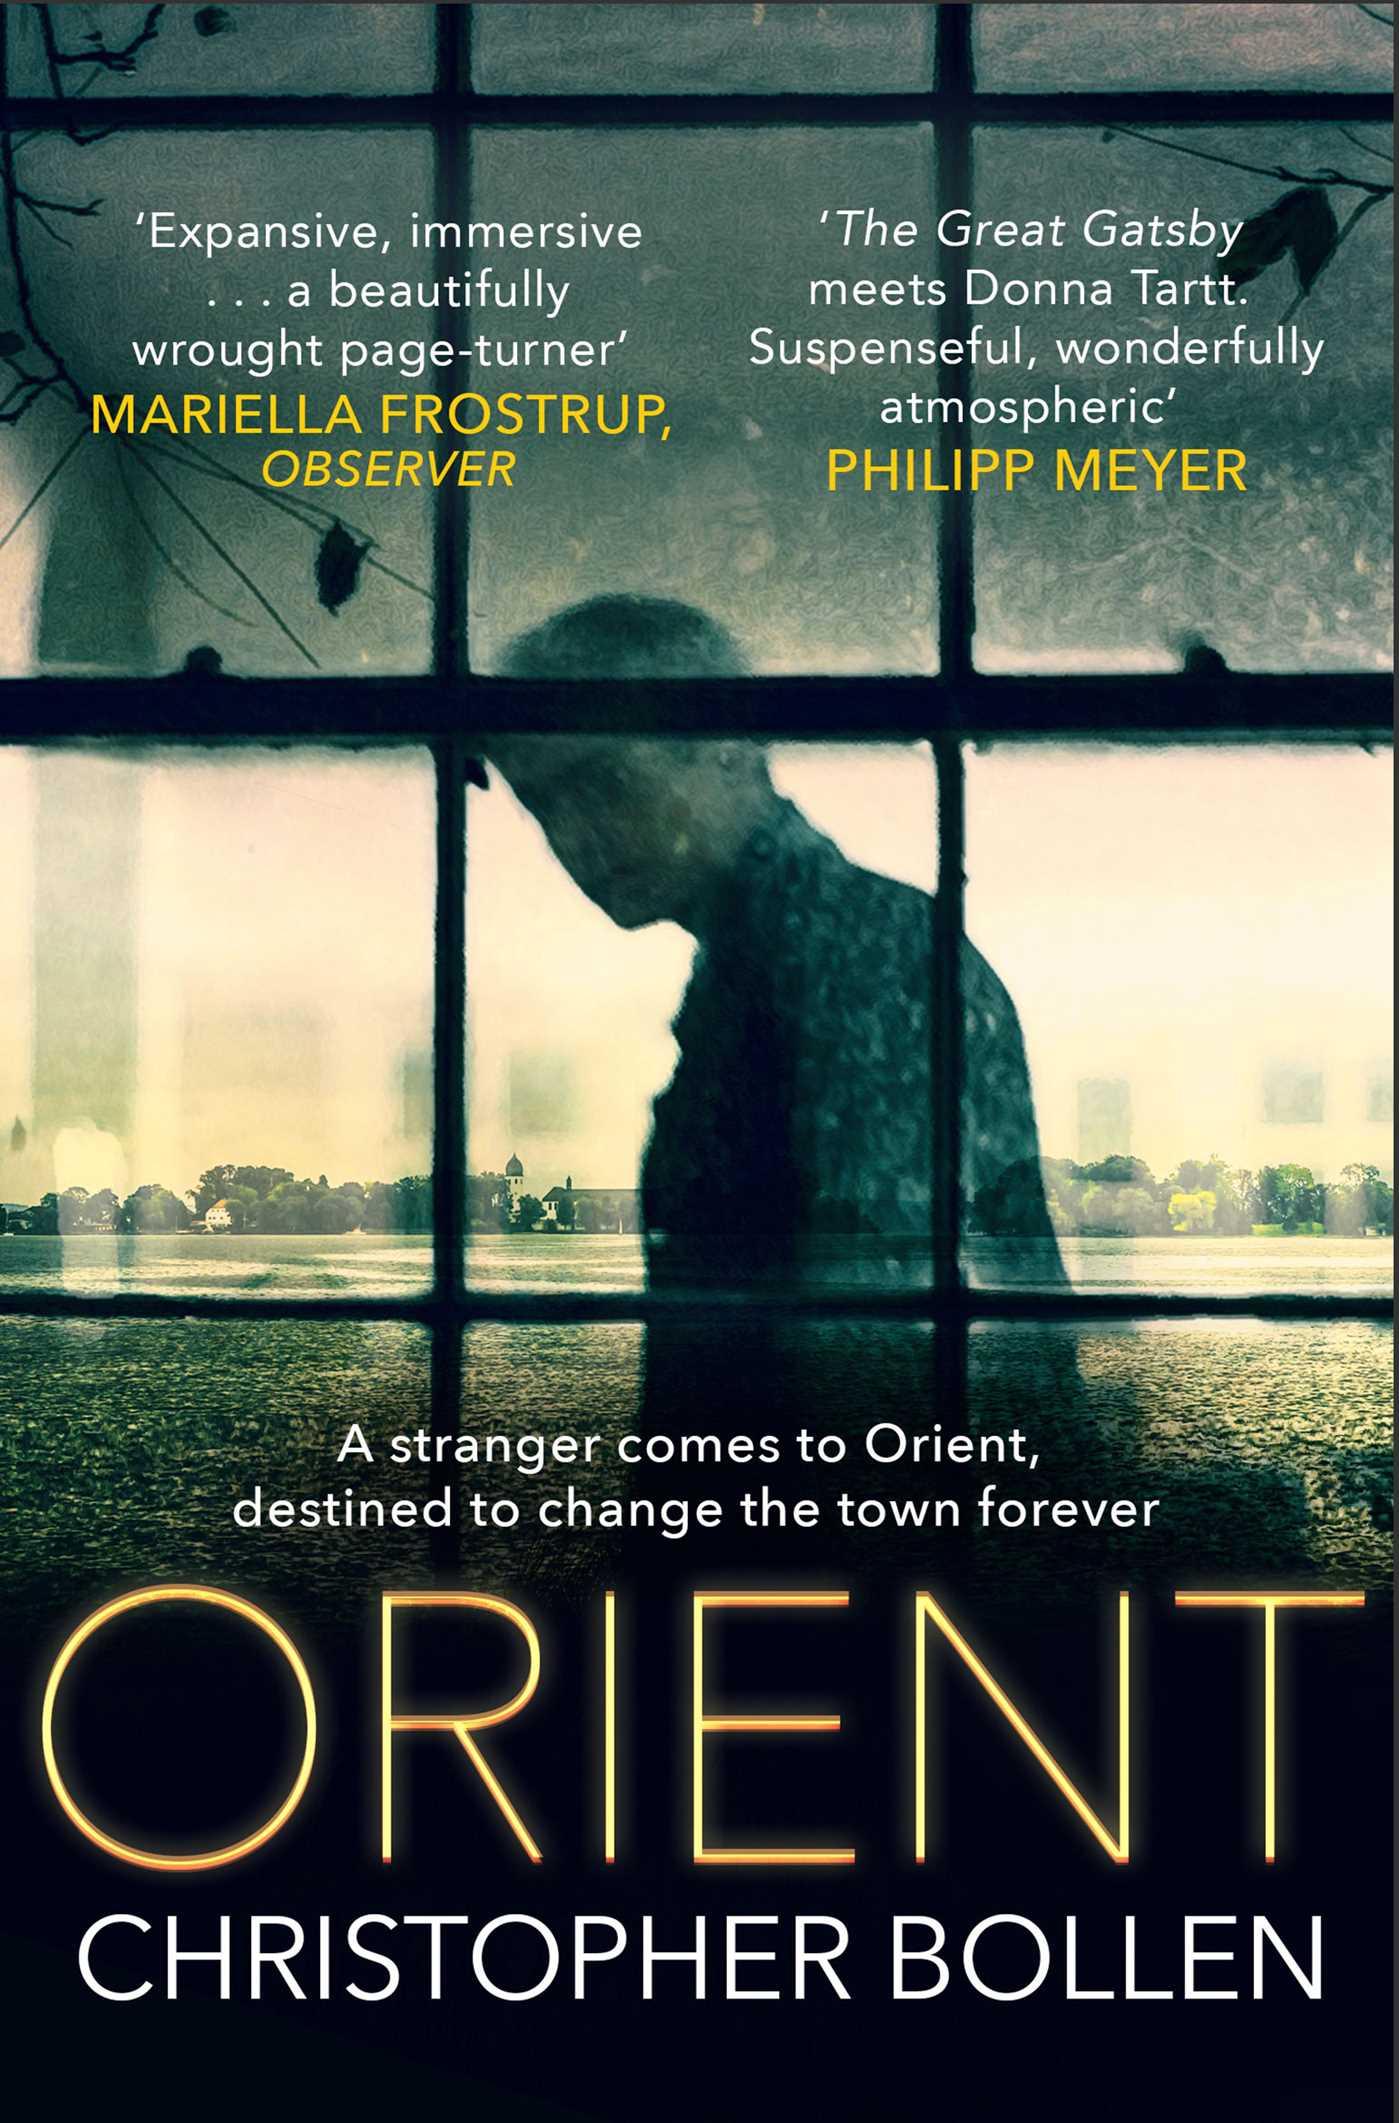 Orient 9781471136177 hr